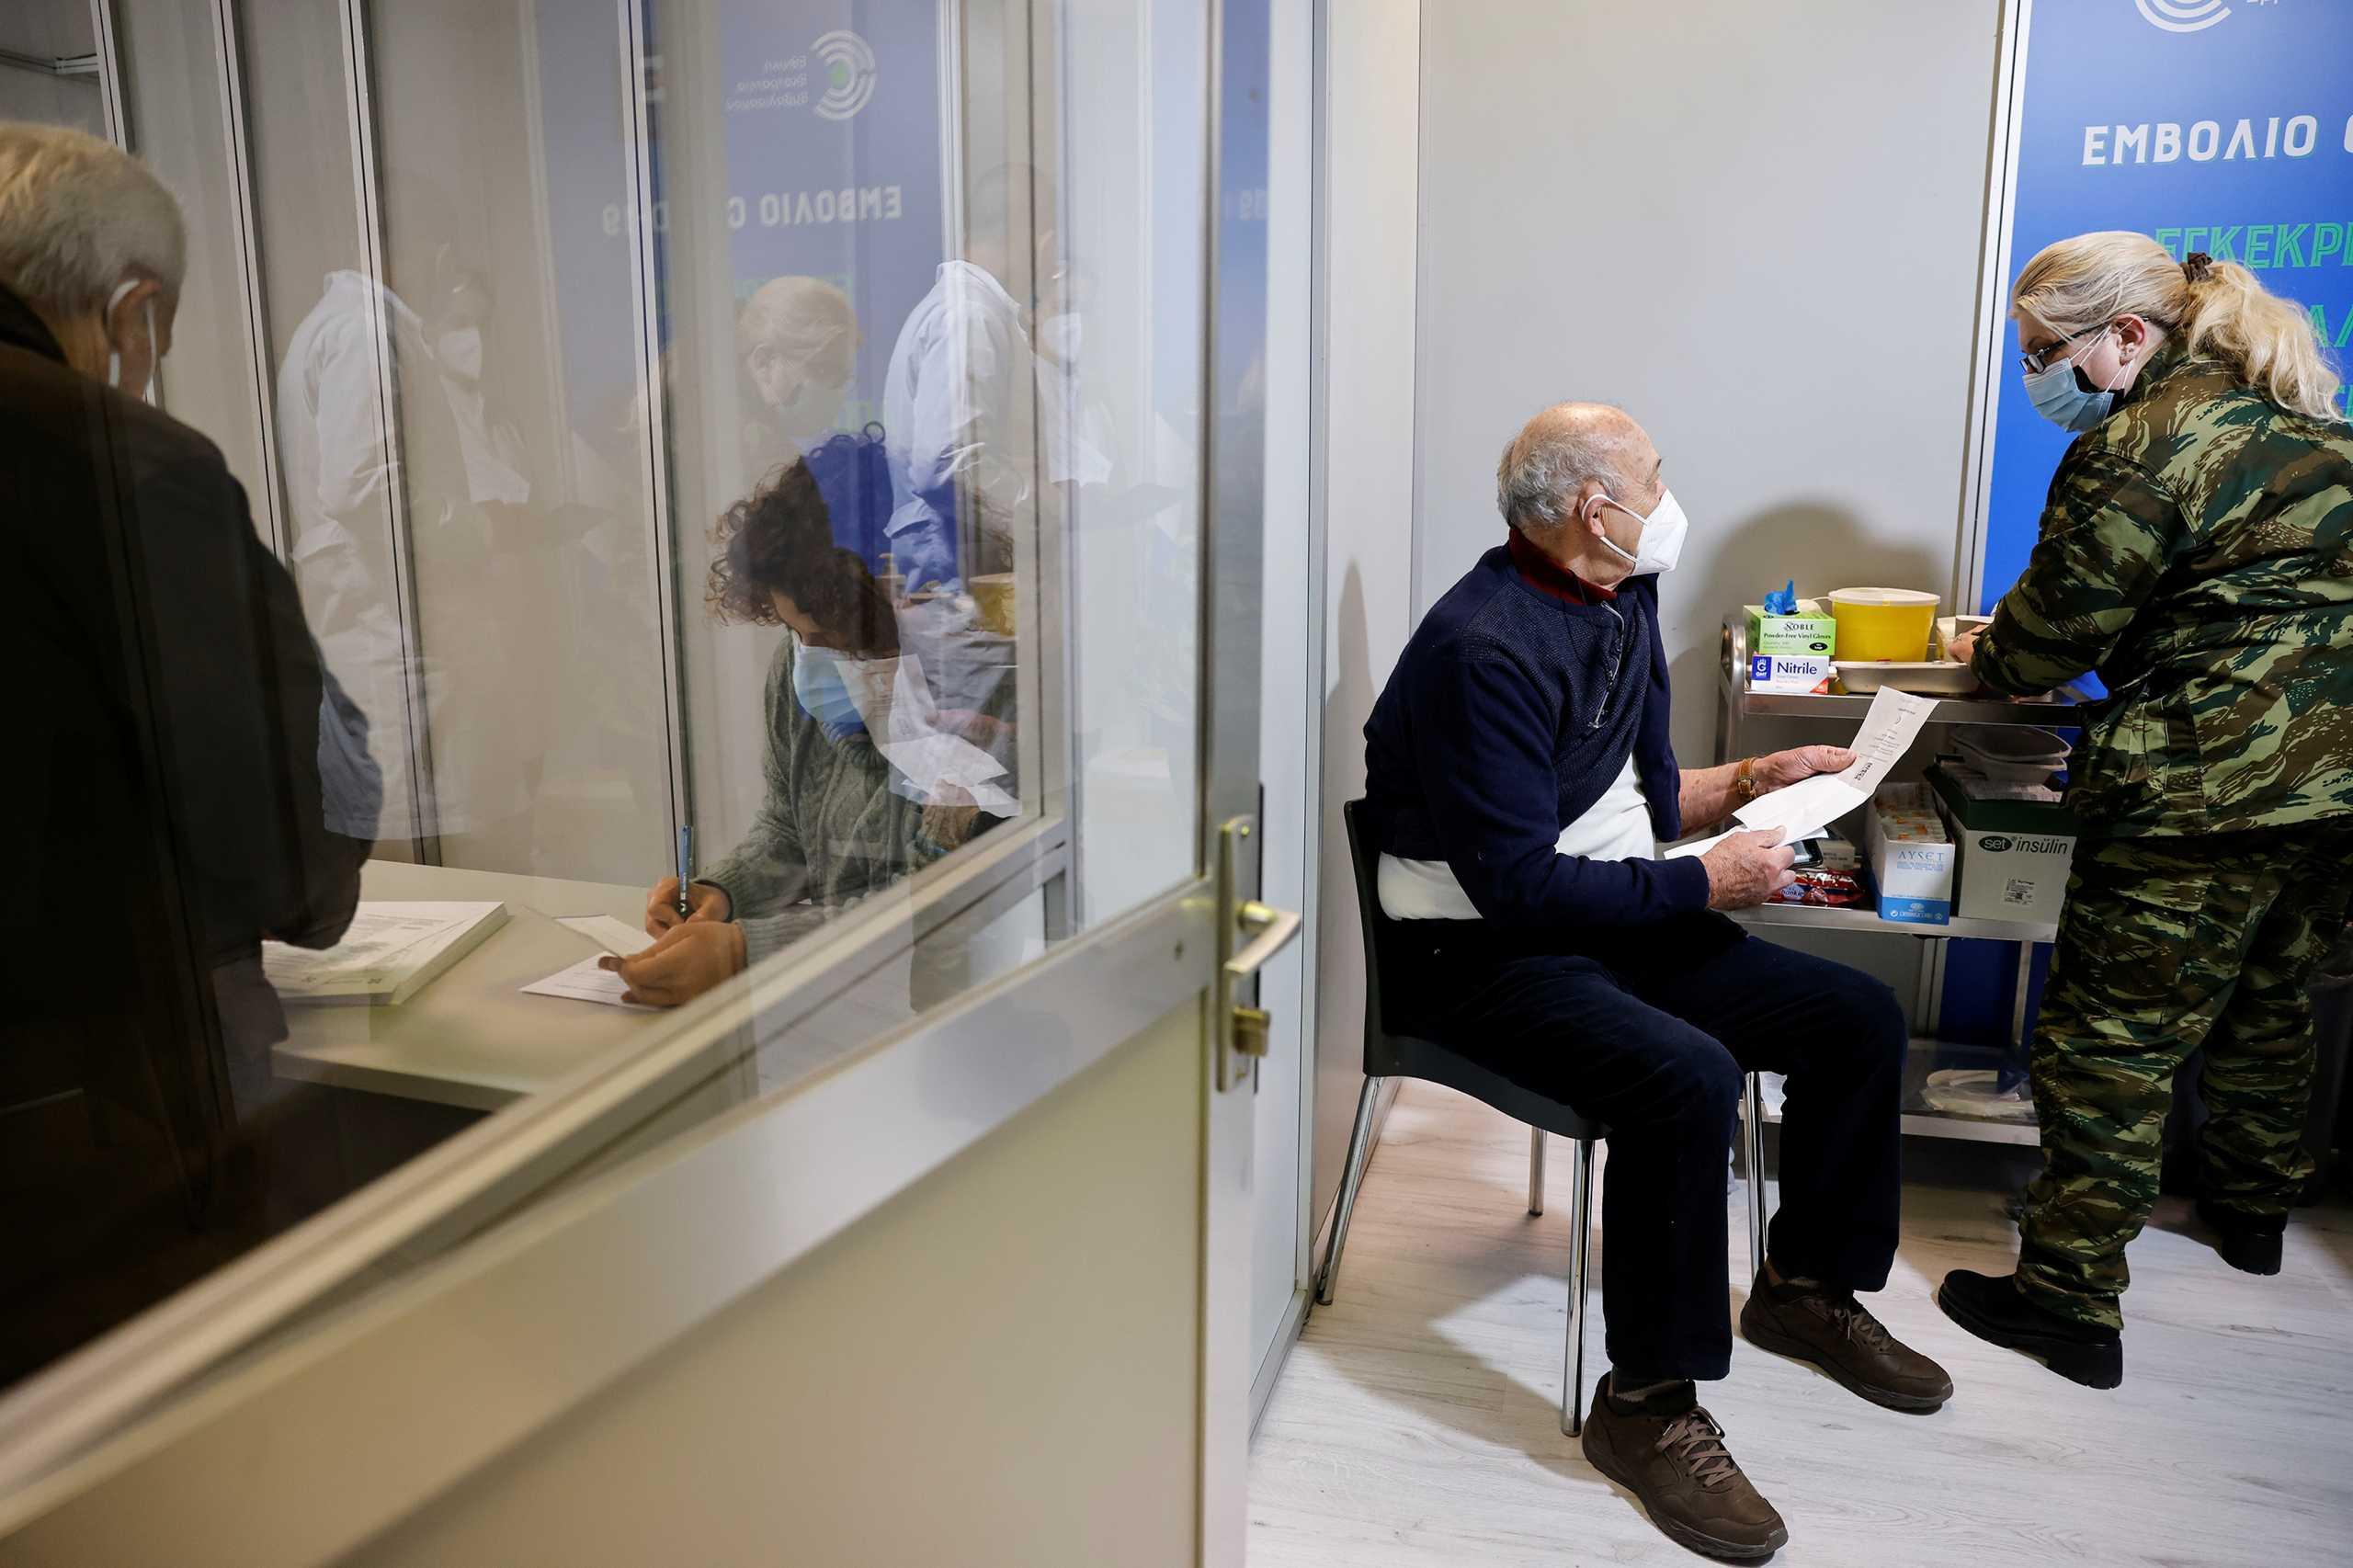 Υπουργείο Υγείας: Αναβάλλονται όλοι οι σημερινοί εμβολιασμοί στην Αττική